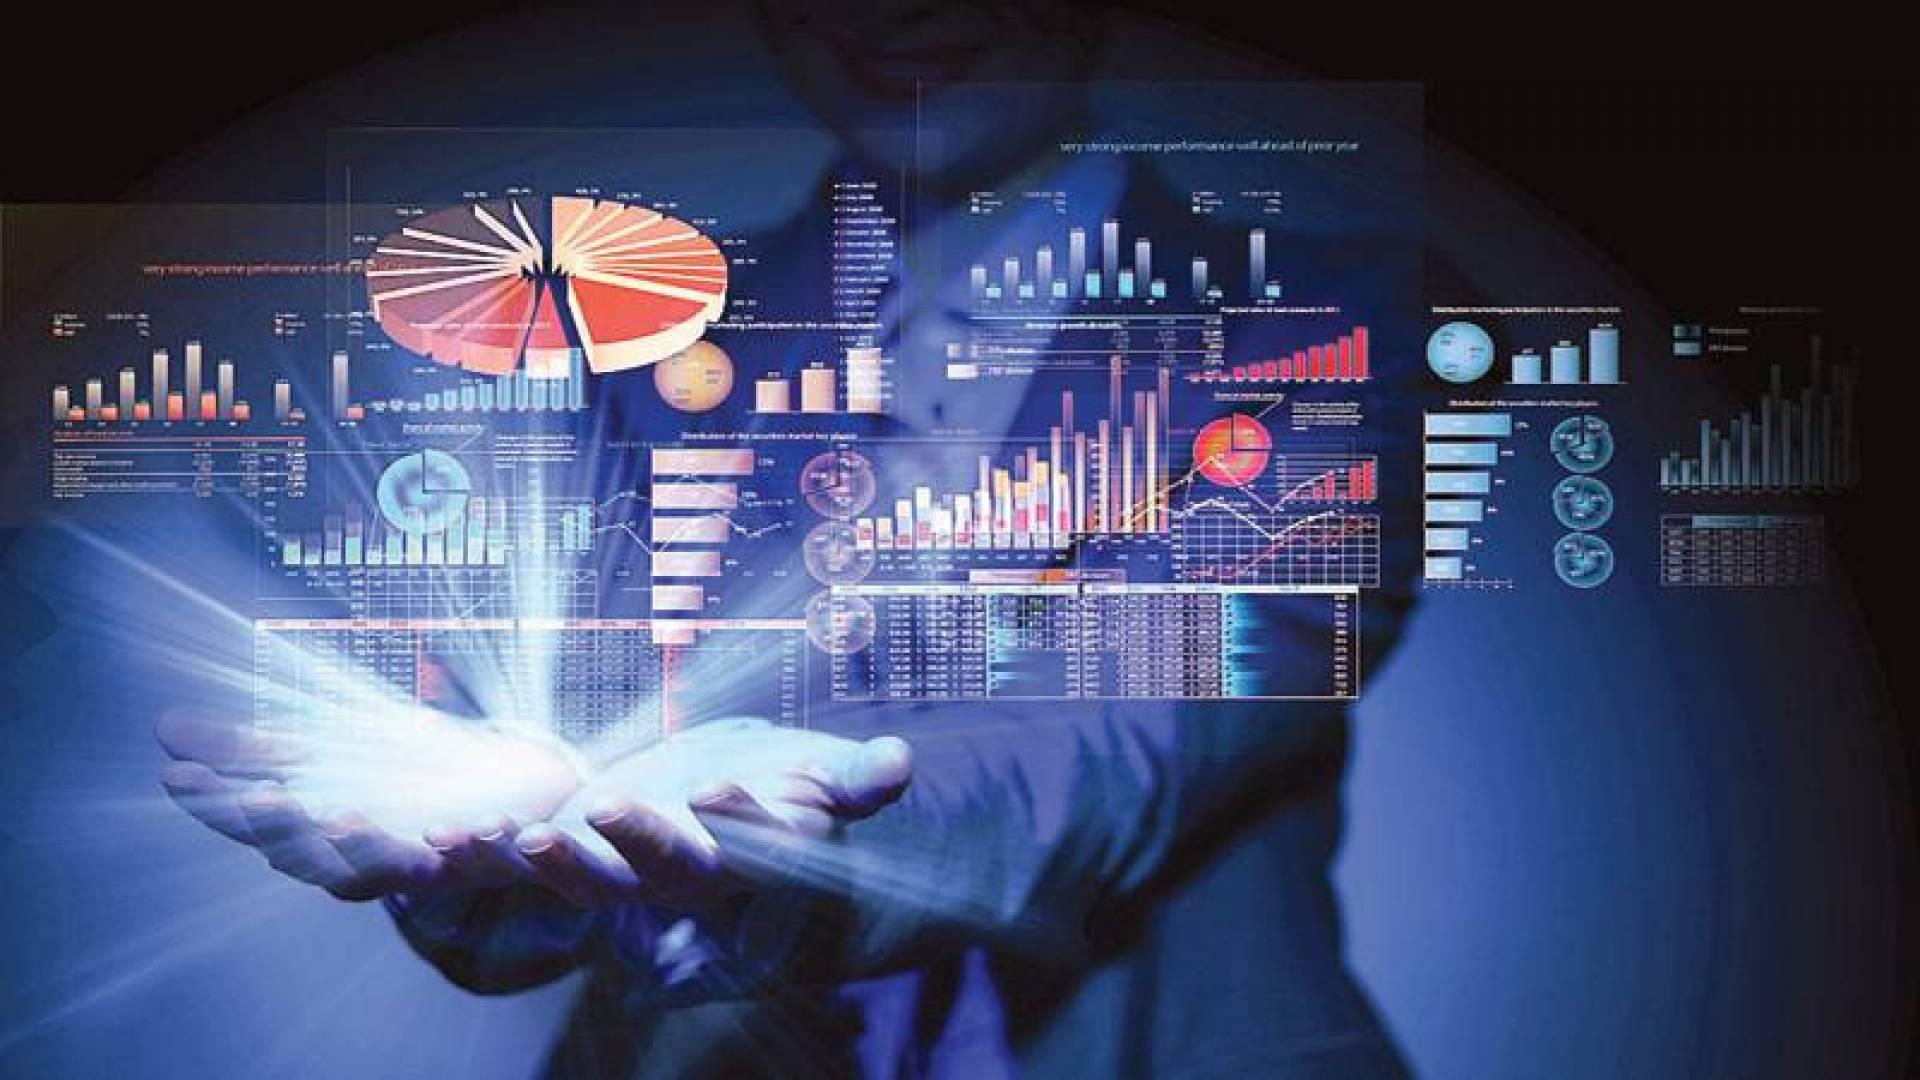 غياب الوعي بأهمية اقتصاد البيانات يؤثِّر سلباً في نمو الأعمال